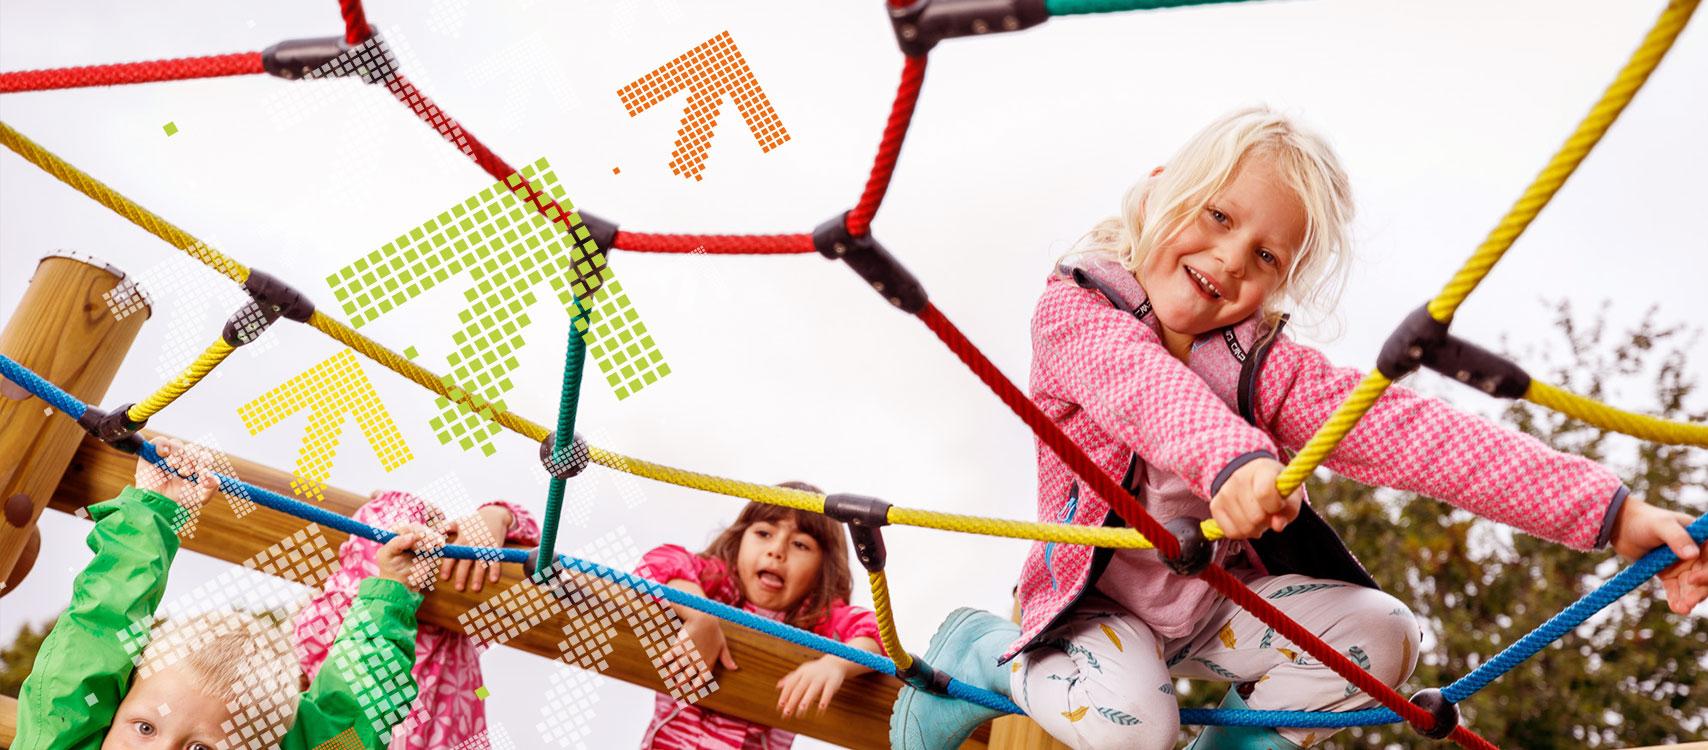 Kinder klettern auf einem Klettergerüst